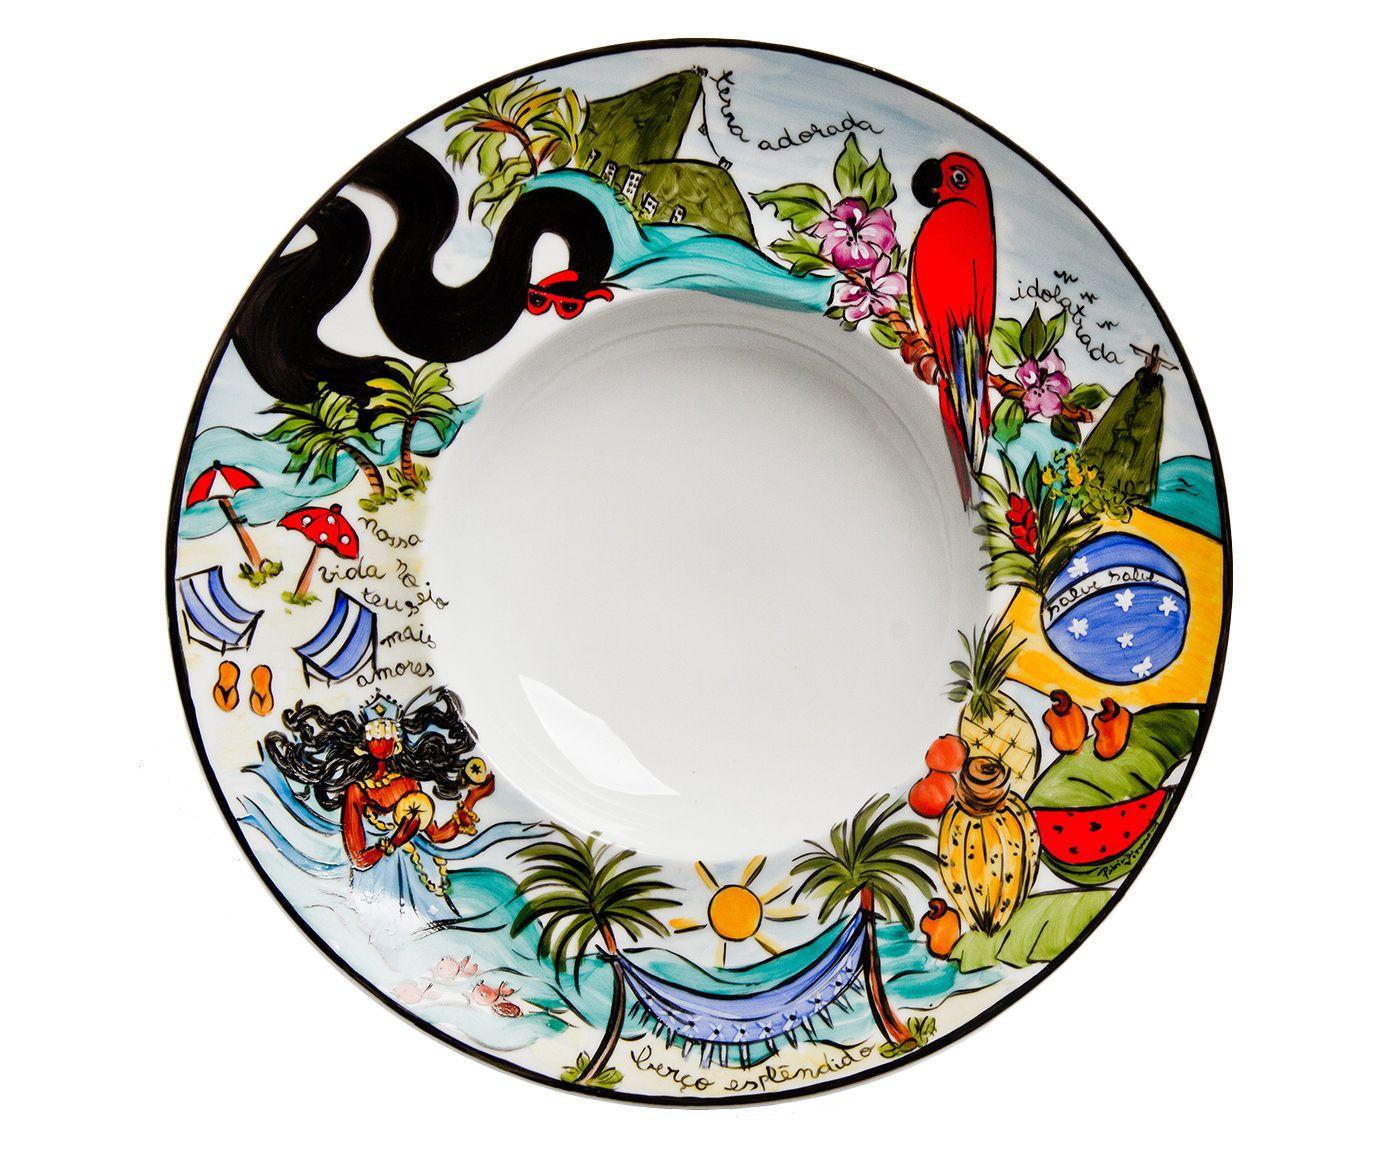 Prato gourmet iemanja brasileirinho - patricia virmond | Westwing.com.br